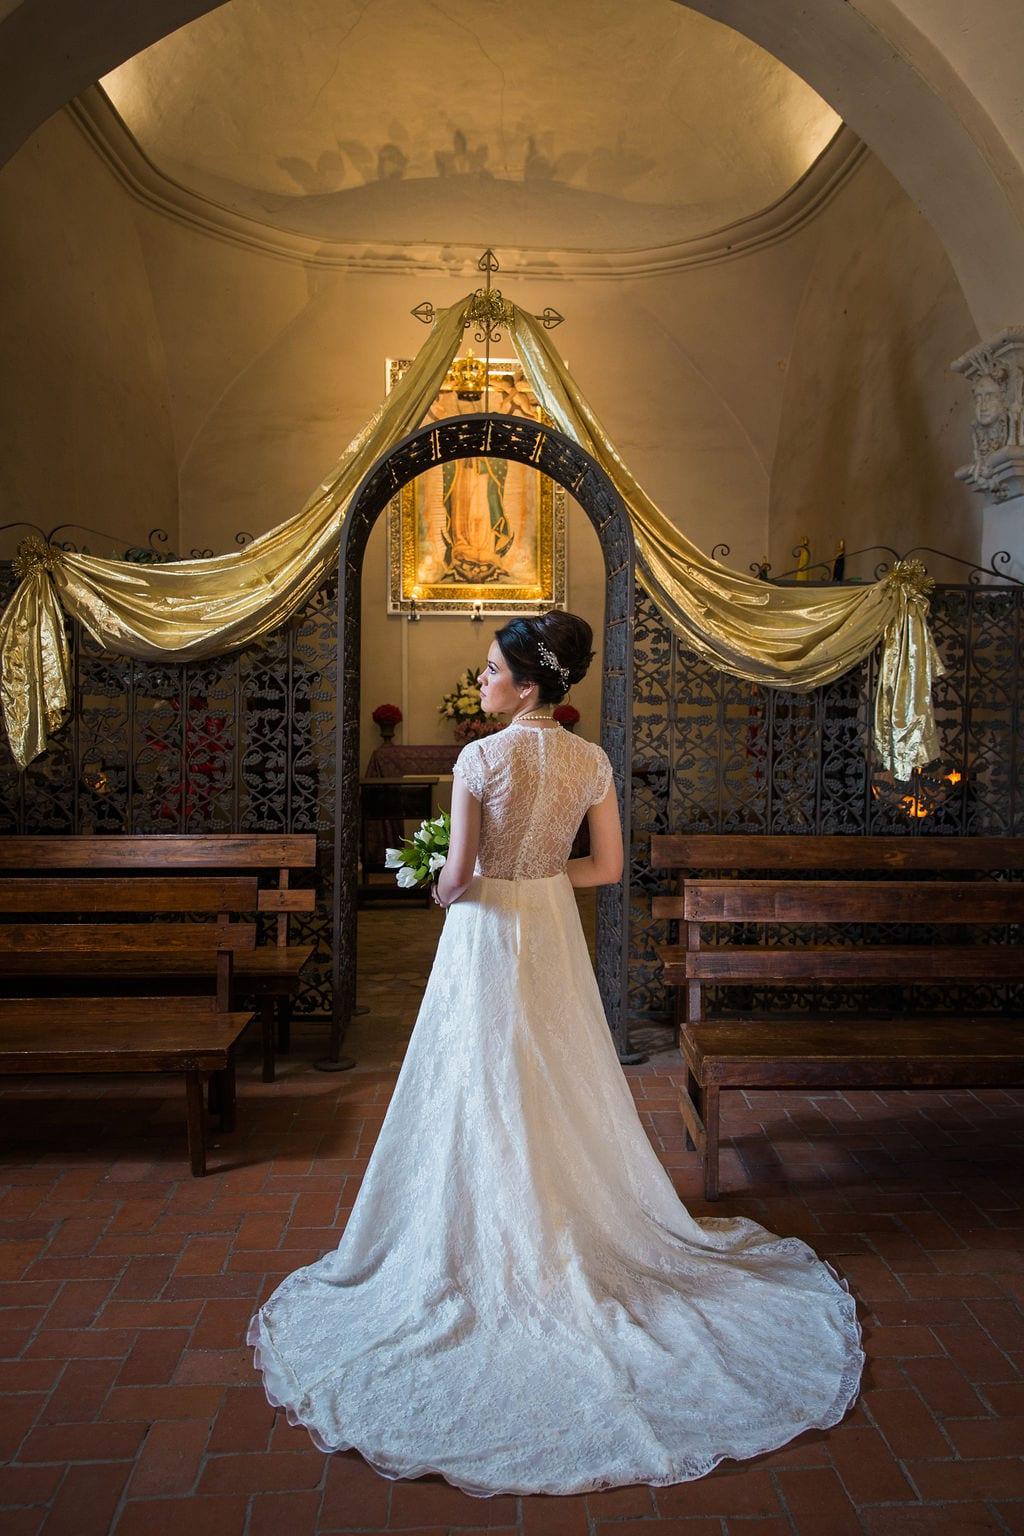 Aamber's bridal - mission San Jose rose window back